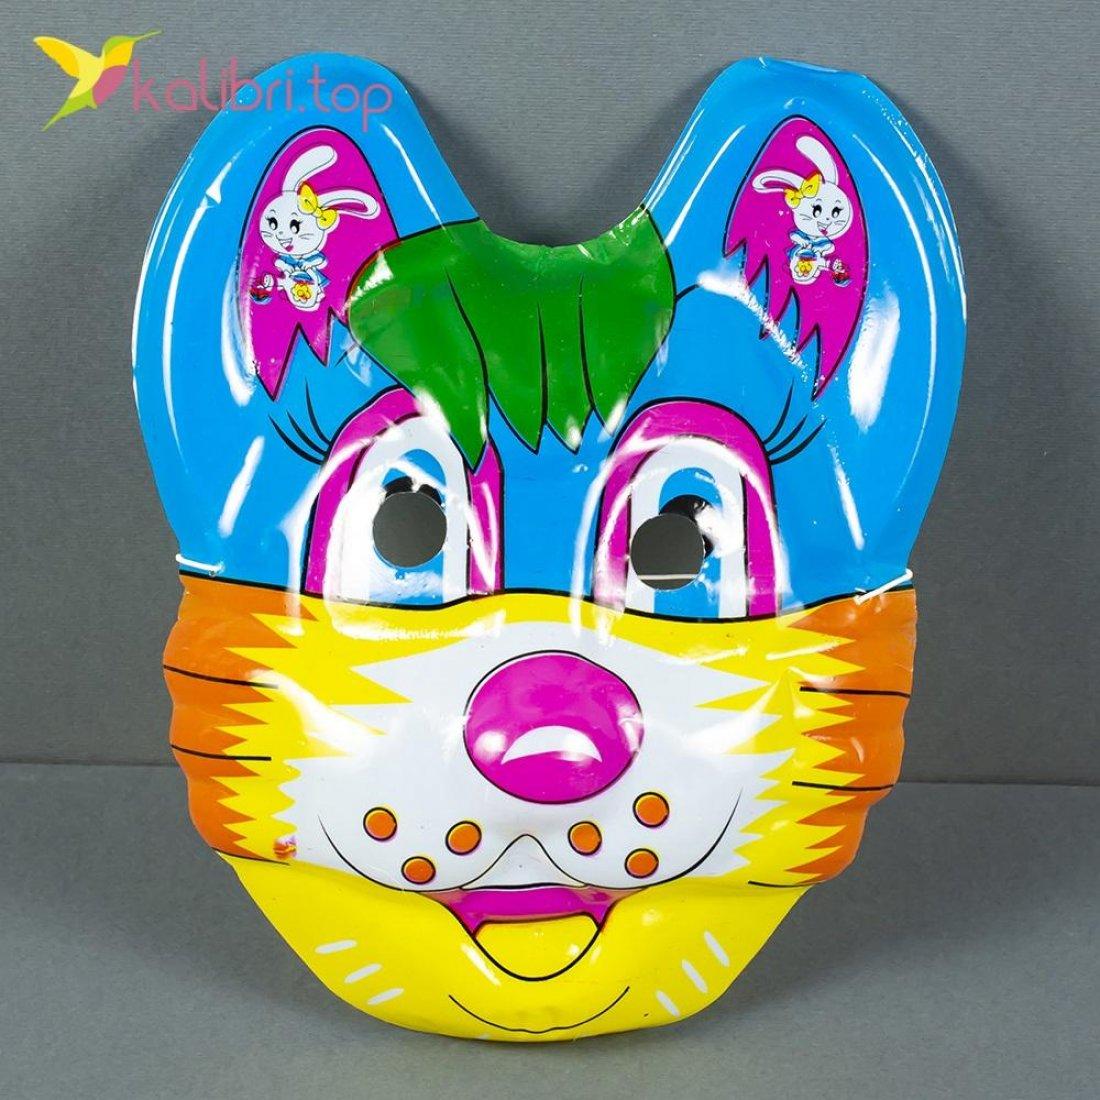 Карнавальная детская маска Тигрёнок оптом фото 966